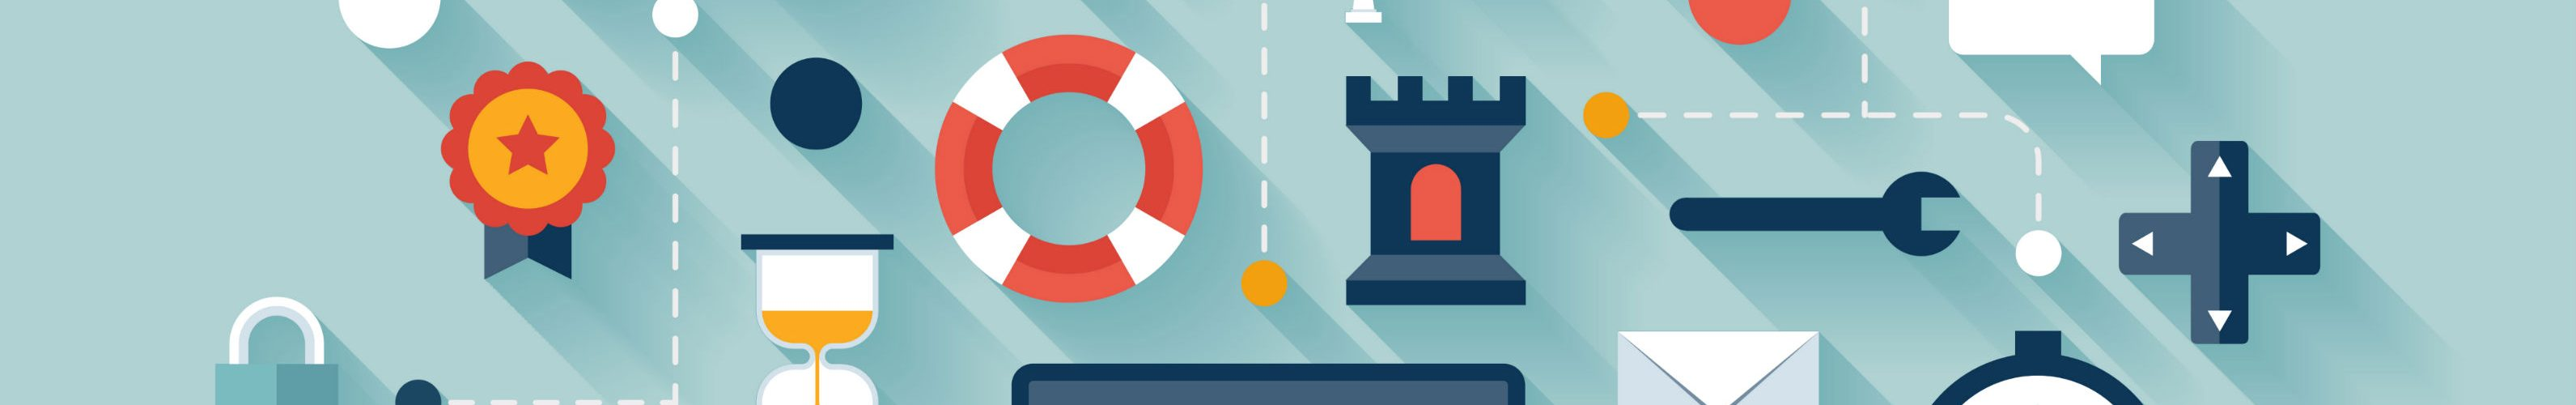 Как получить качественные SEO ссылки на свой сайт?